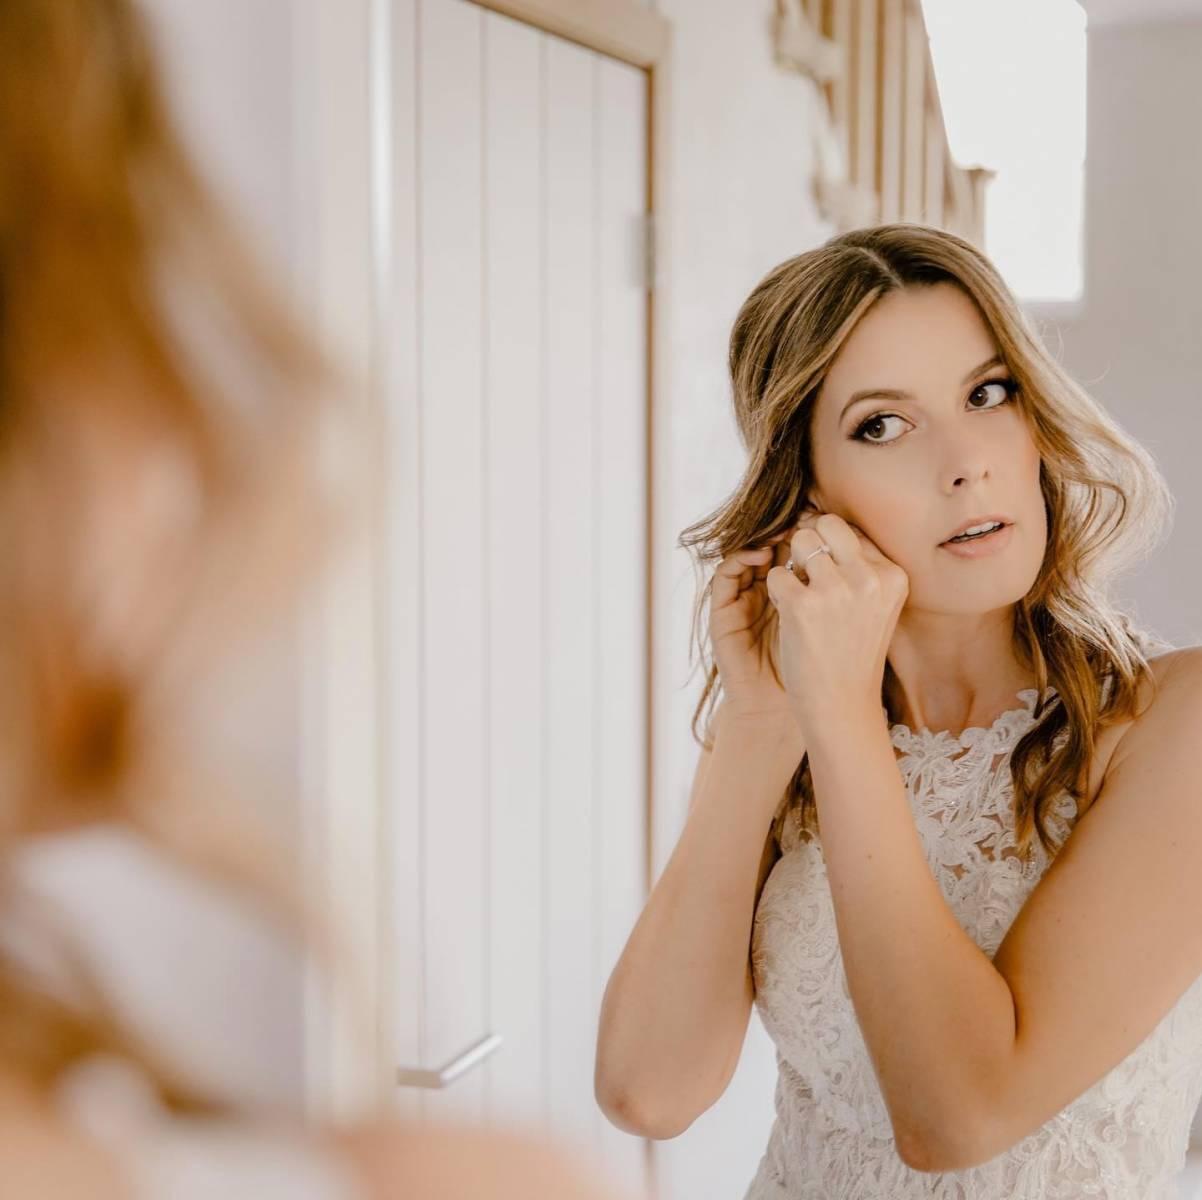 Anske Van Acker Make-up & Hair - Fotograaf Lux visual storytellers ( AnderssonsWeddings ) - House of Weddings - 2